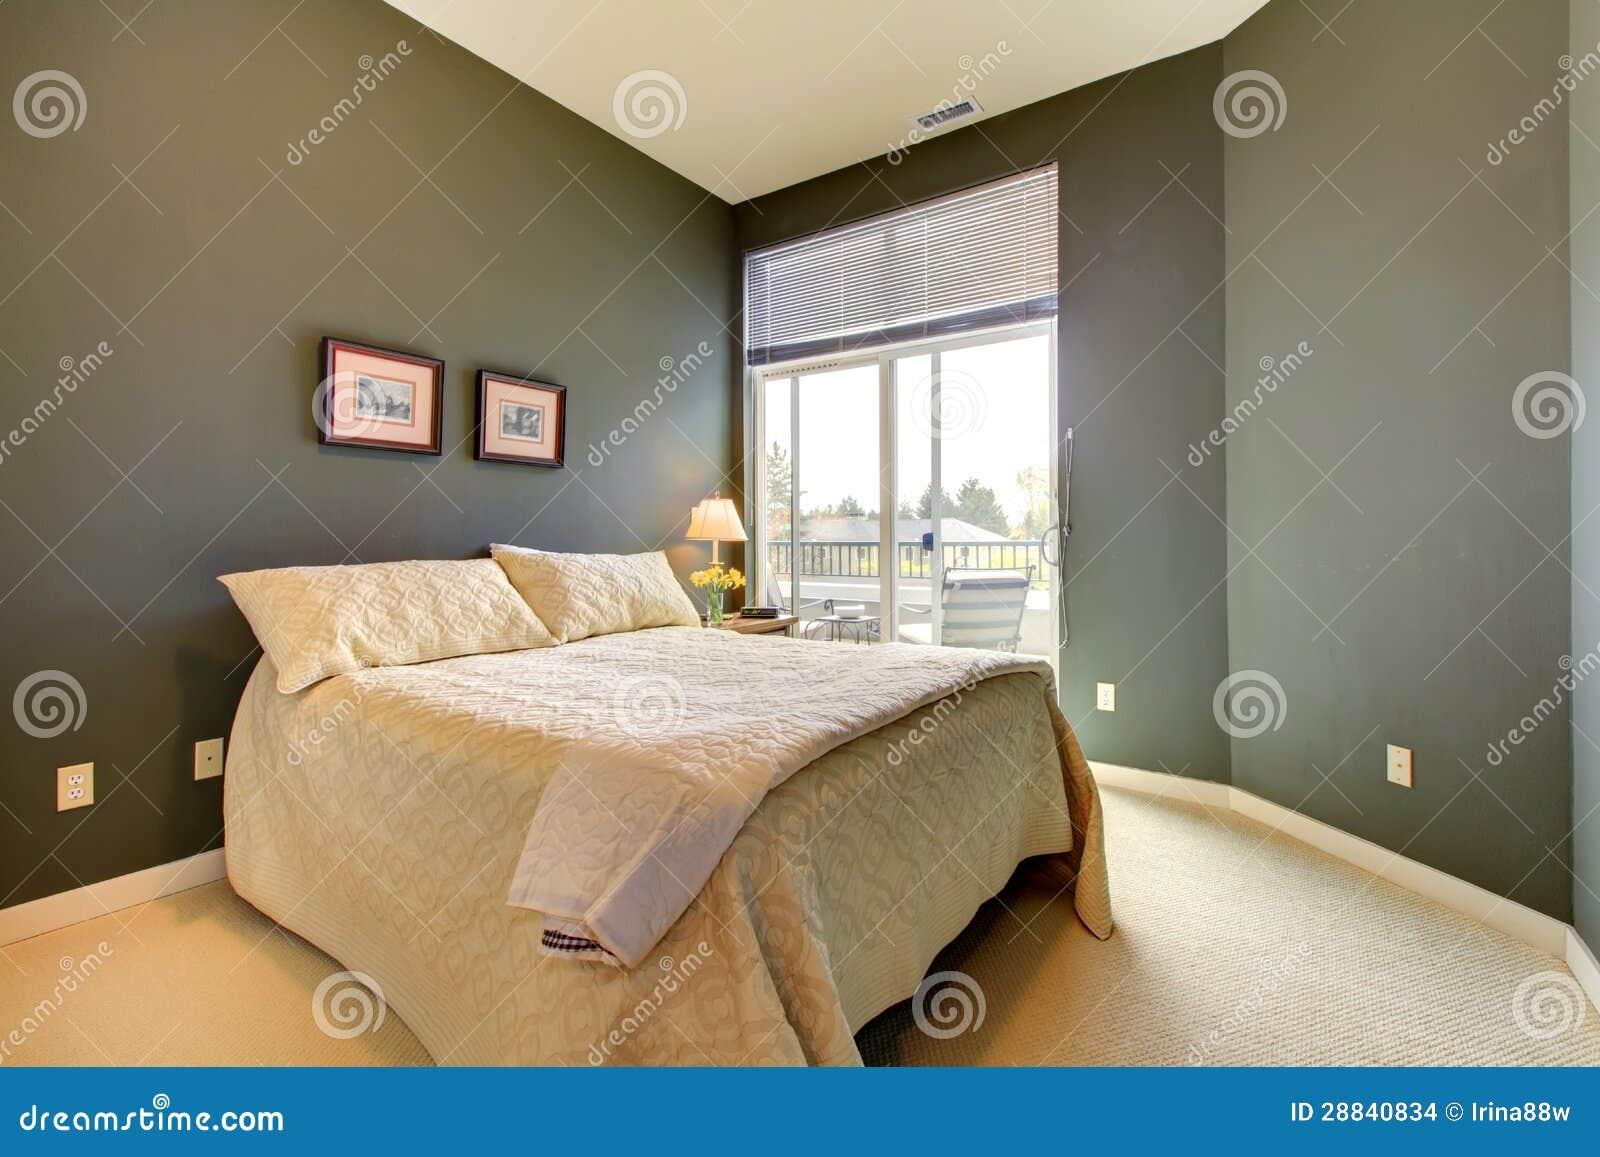 Chambre a coucher grise et blanche for Chambre verte et blanche